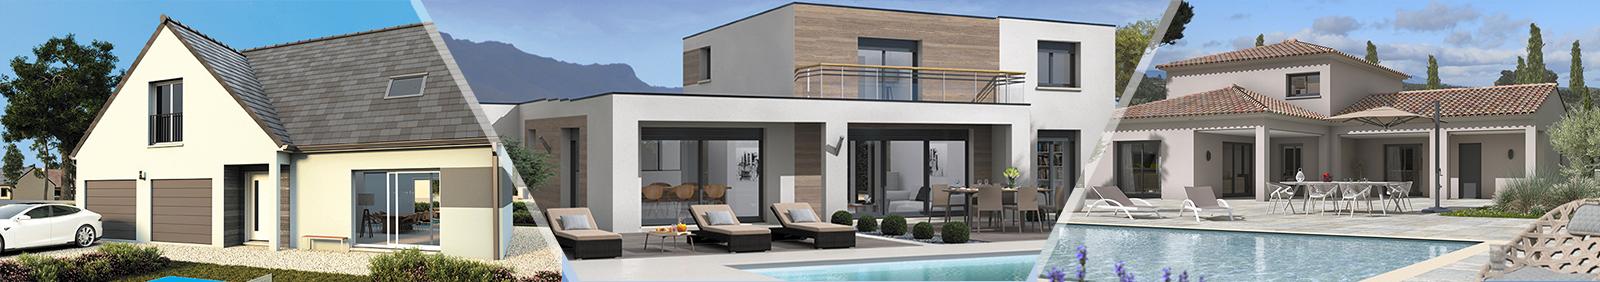 Constructeur De Maisons Individuelles Maisons France Confort